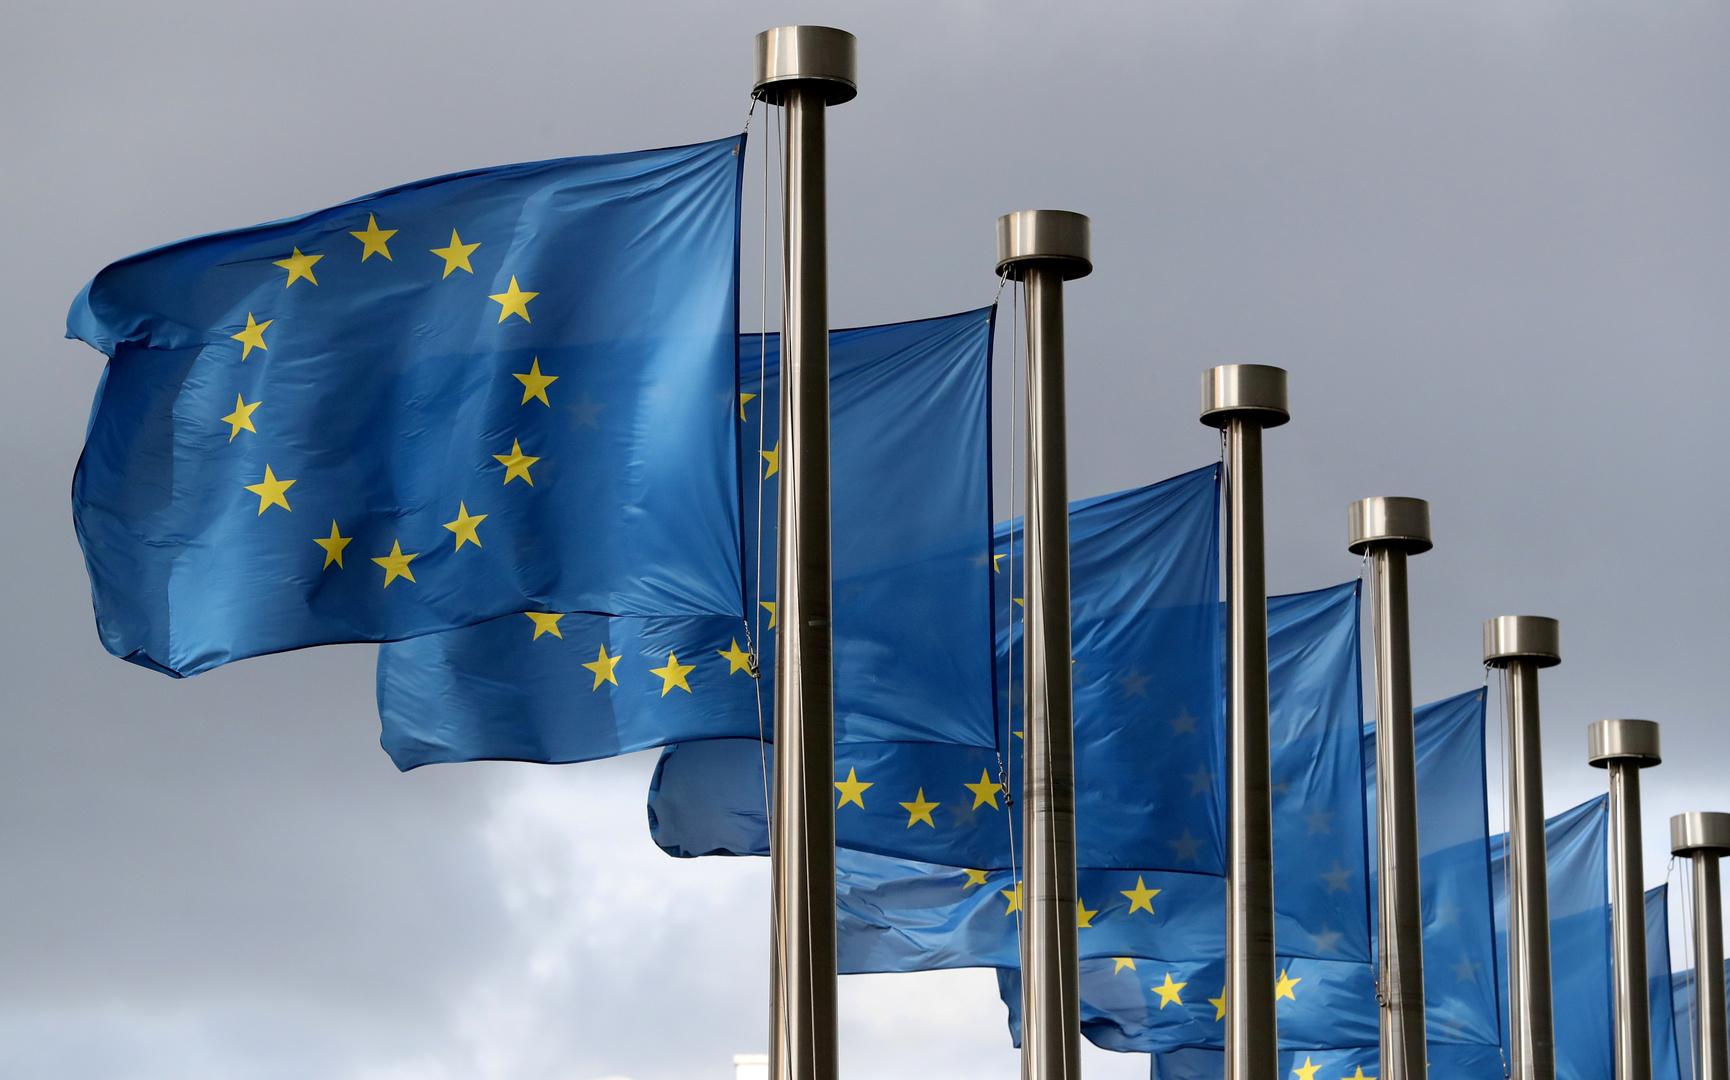 قادة الاتحاد الأوروبي يتفقون على تمديد العقوبات ضد روسيا لمدة 6 أشهر